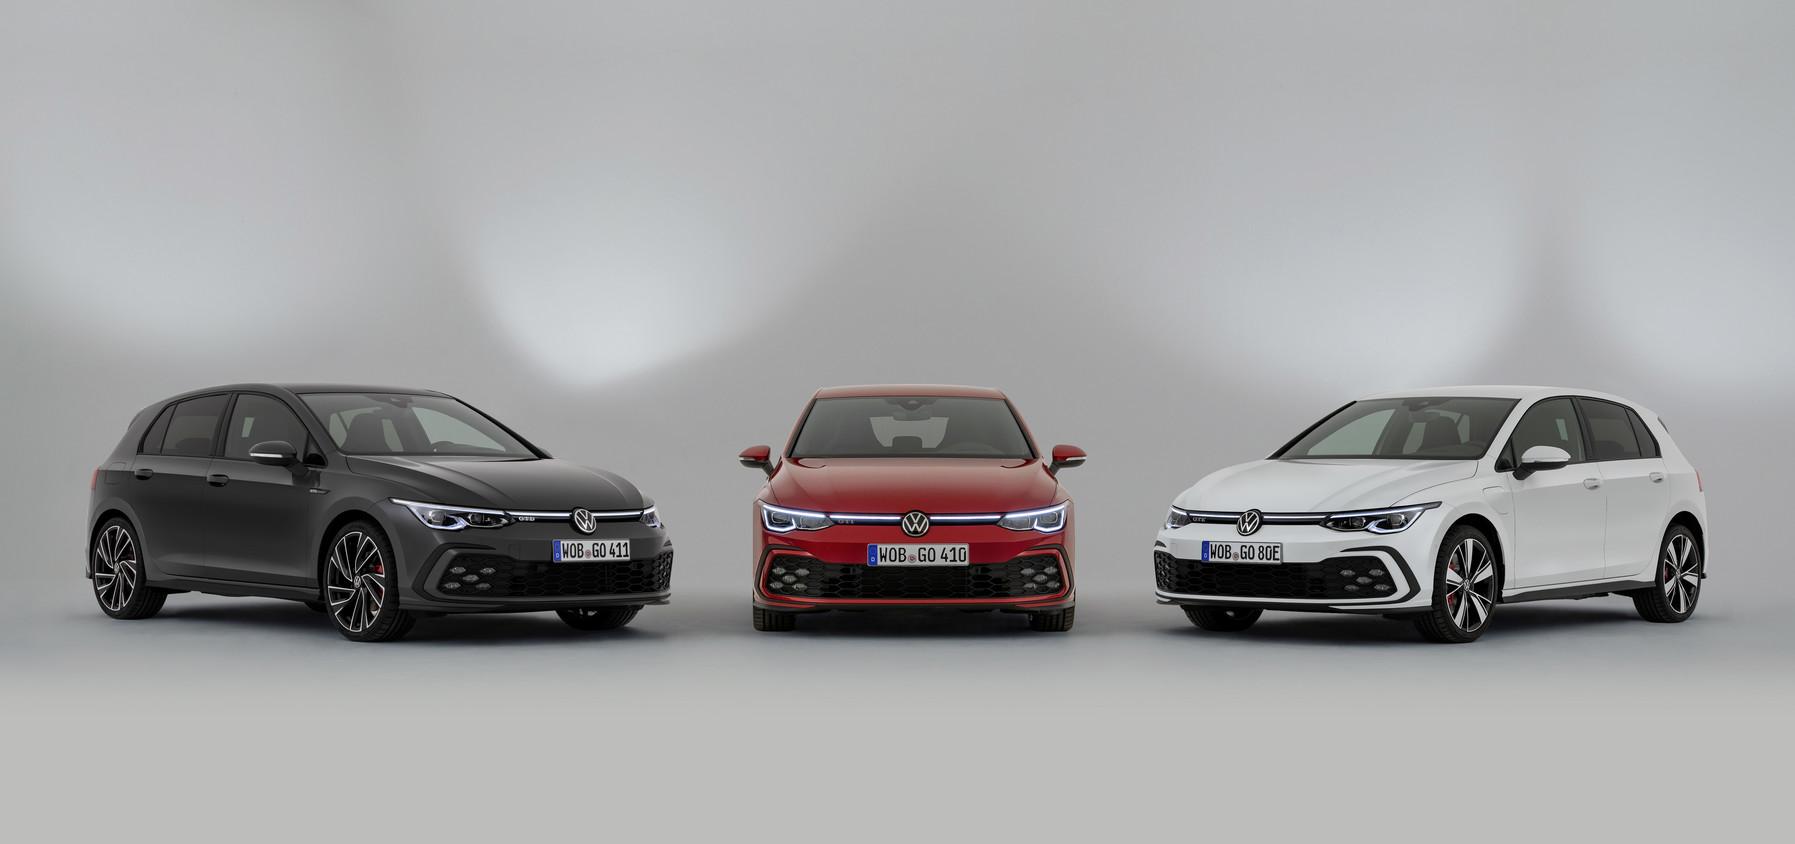 「フォルクスワーゲンが新型Golf GTI、GTE、GTDの3台を発表【新車】」の2枚目の画像